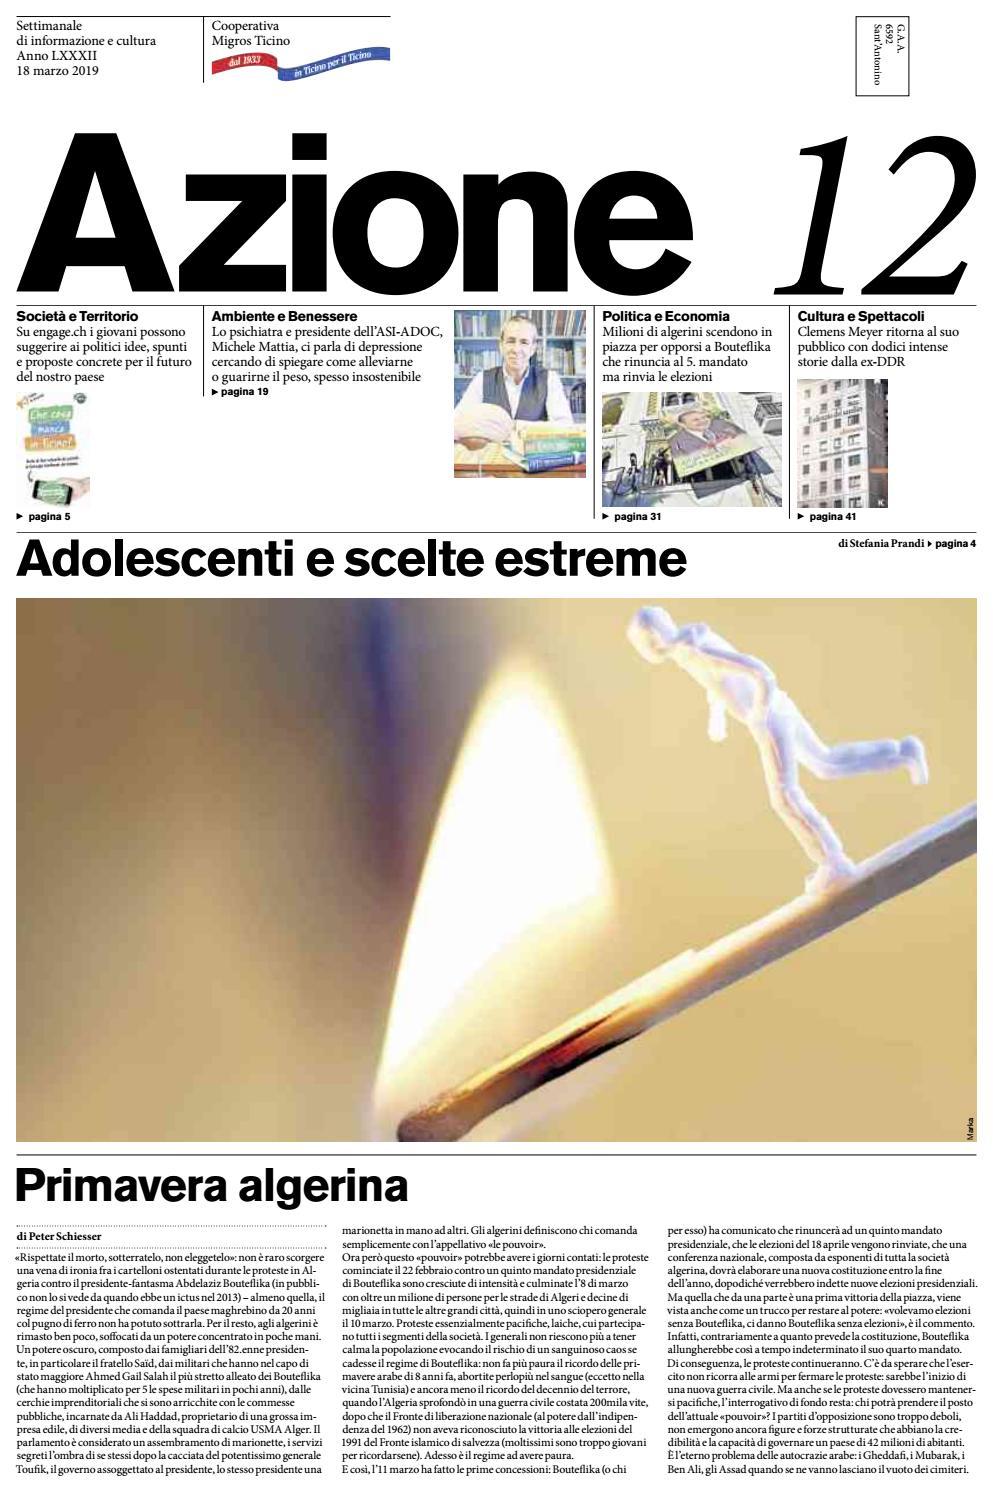 1f1019fc3c761b Azione 12 del 18 marzo 2019 by Azione, Settimanale di Migros Ticino - issuu